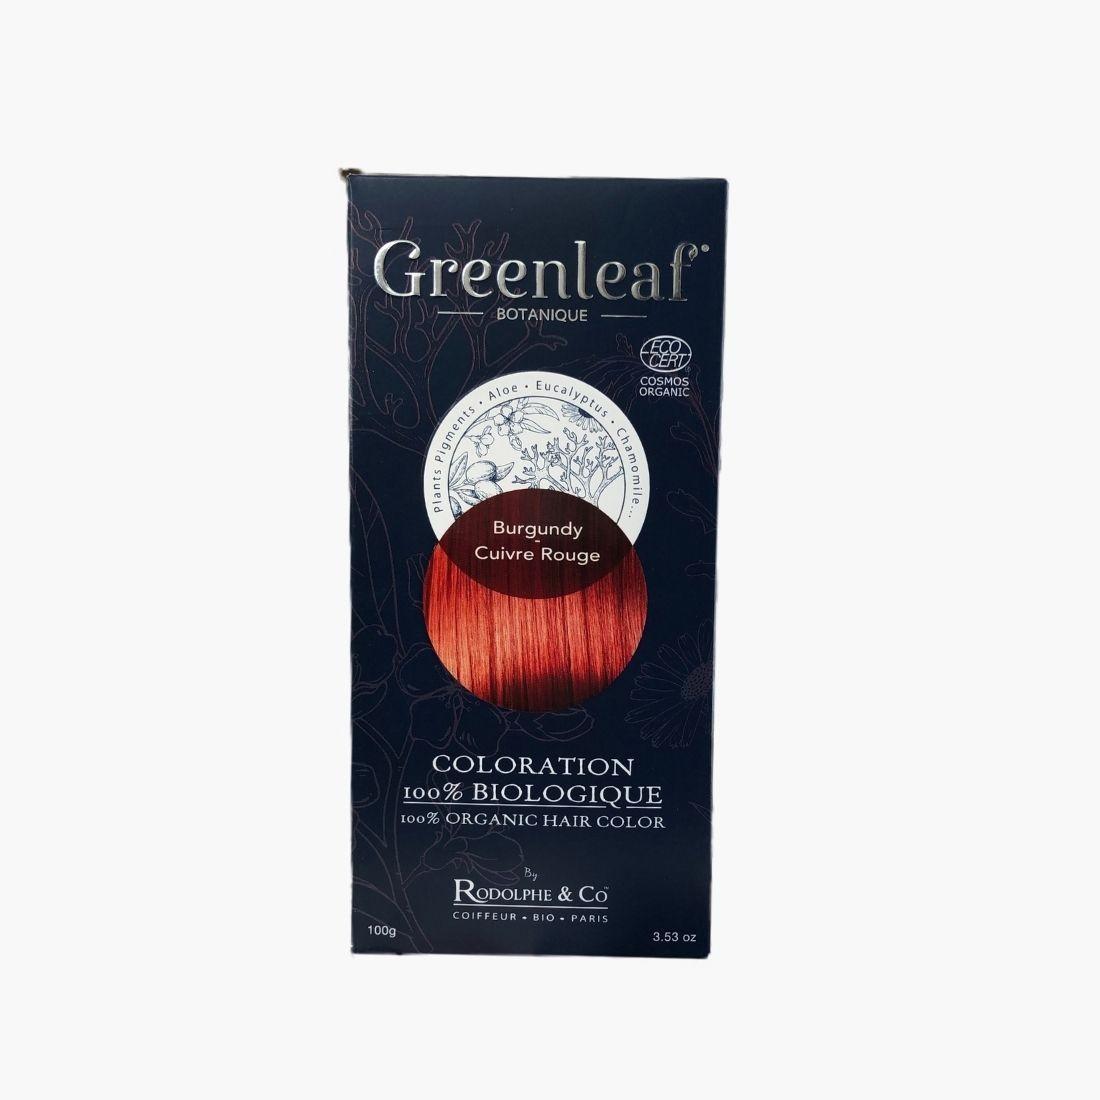 Coloration végétale BIO - Cuivre rouge Greenleaf botanique